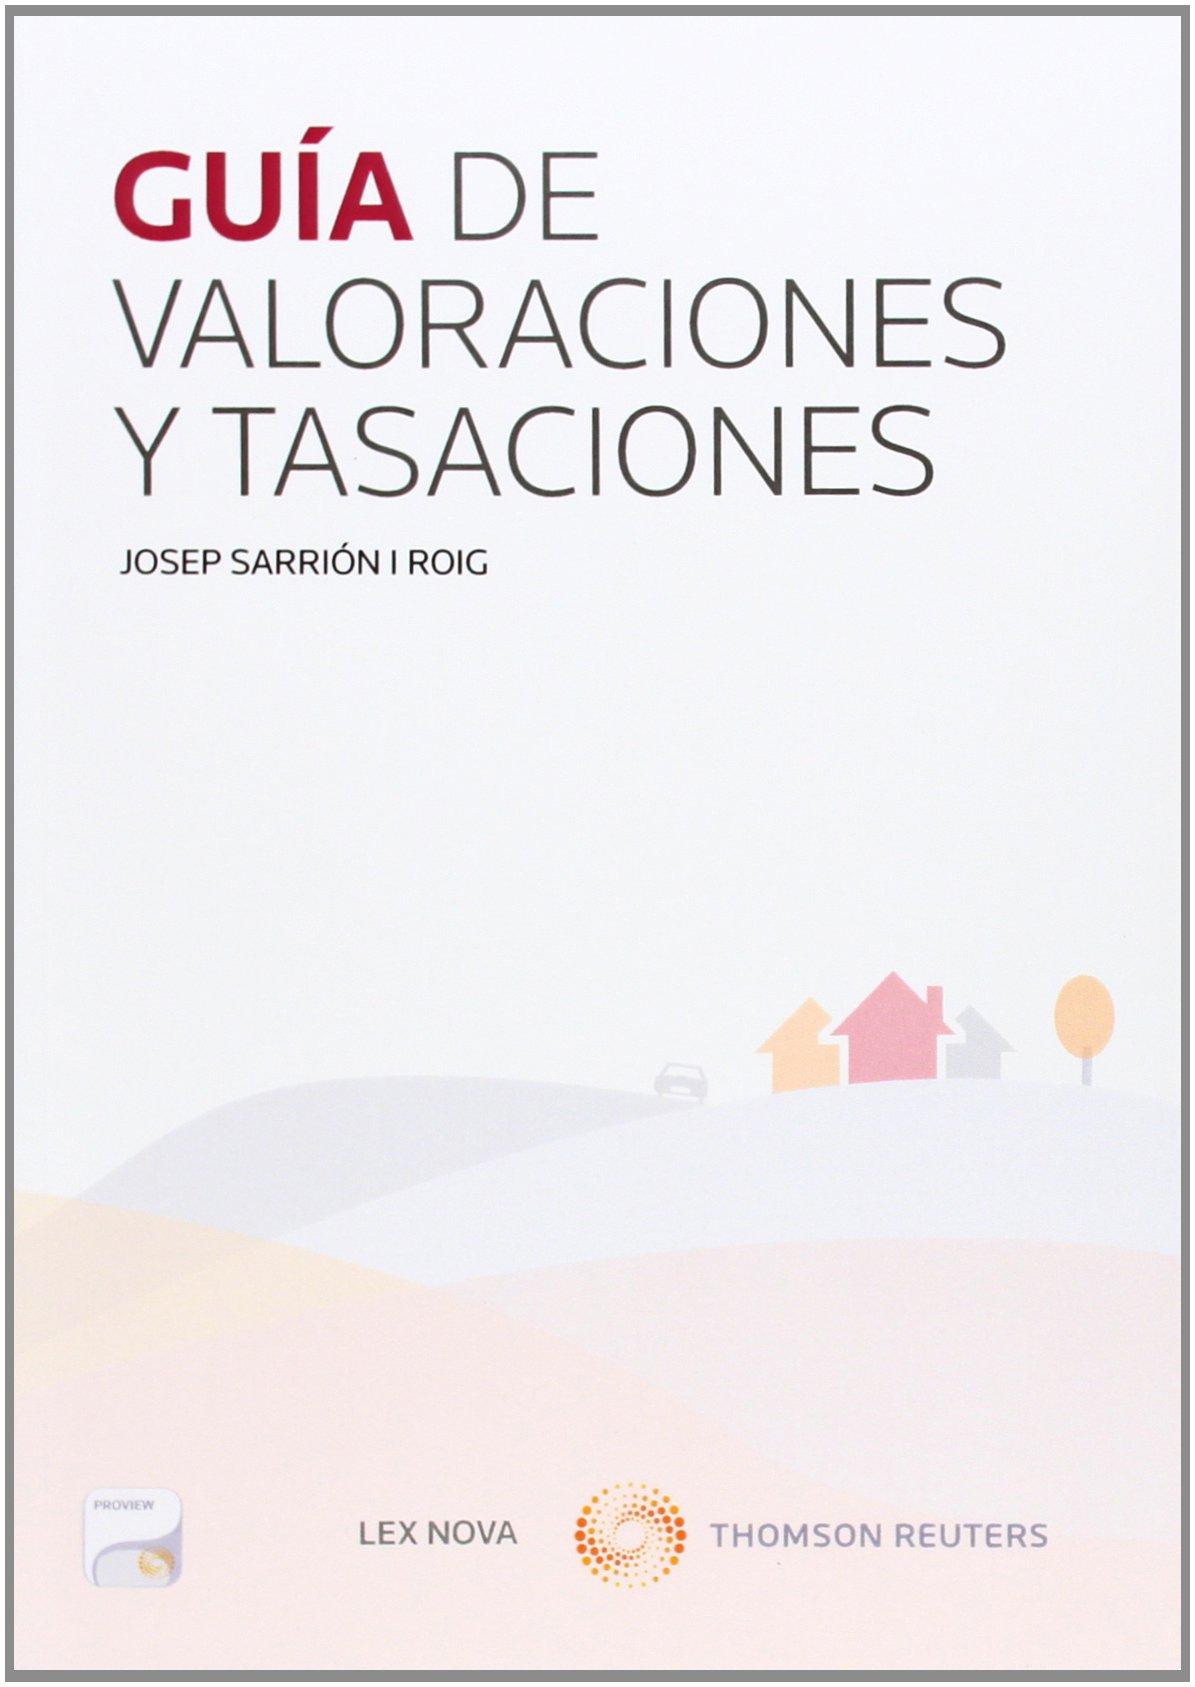 Guía de valoraciones y tasaciones (Monografía)